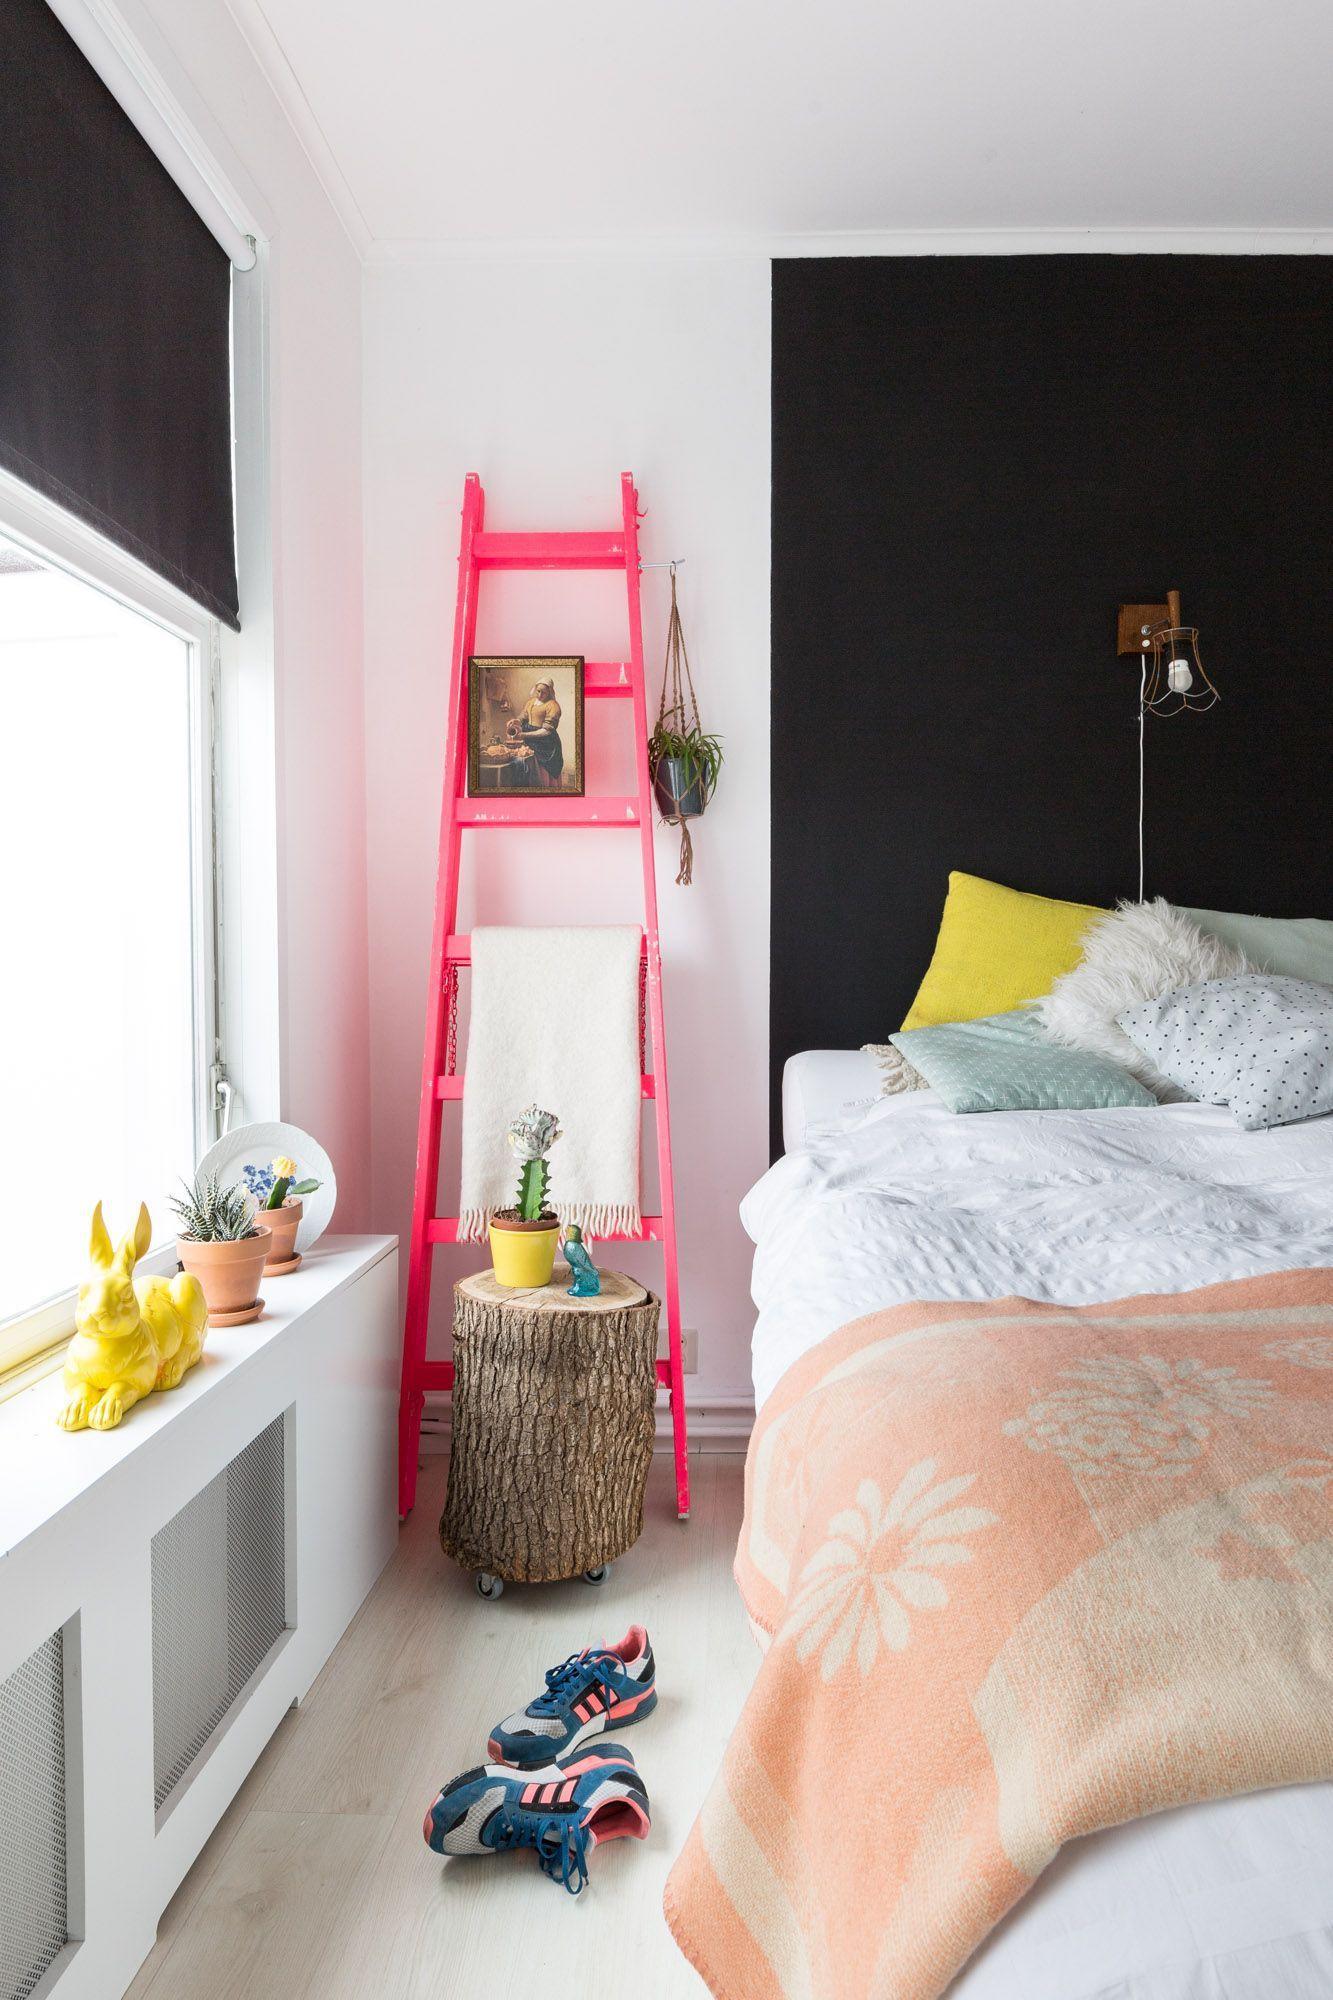 Décoration mur chambre | Decoration mur, Mur et Décorer sa chambre